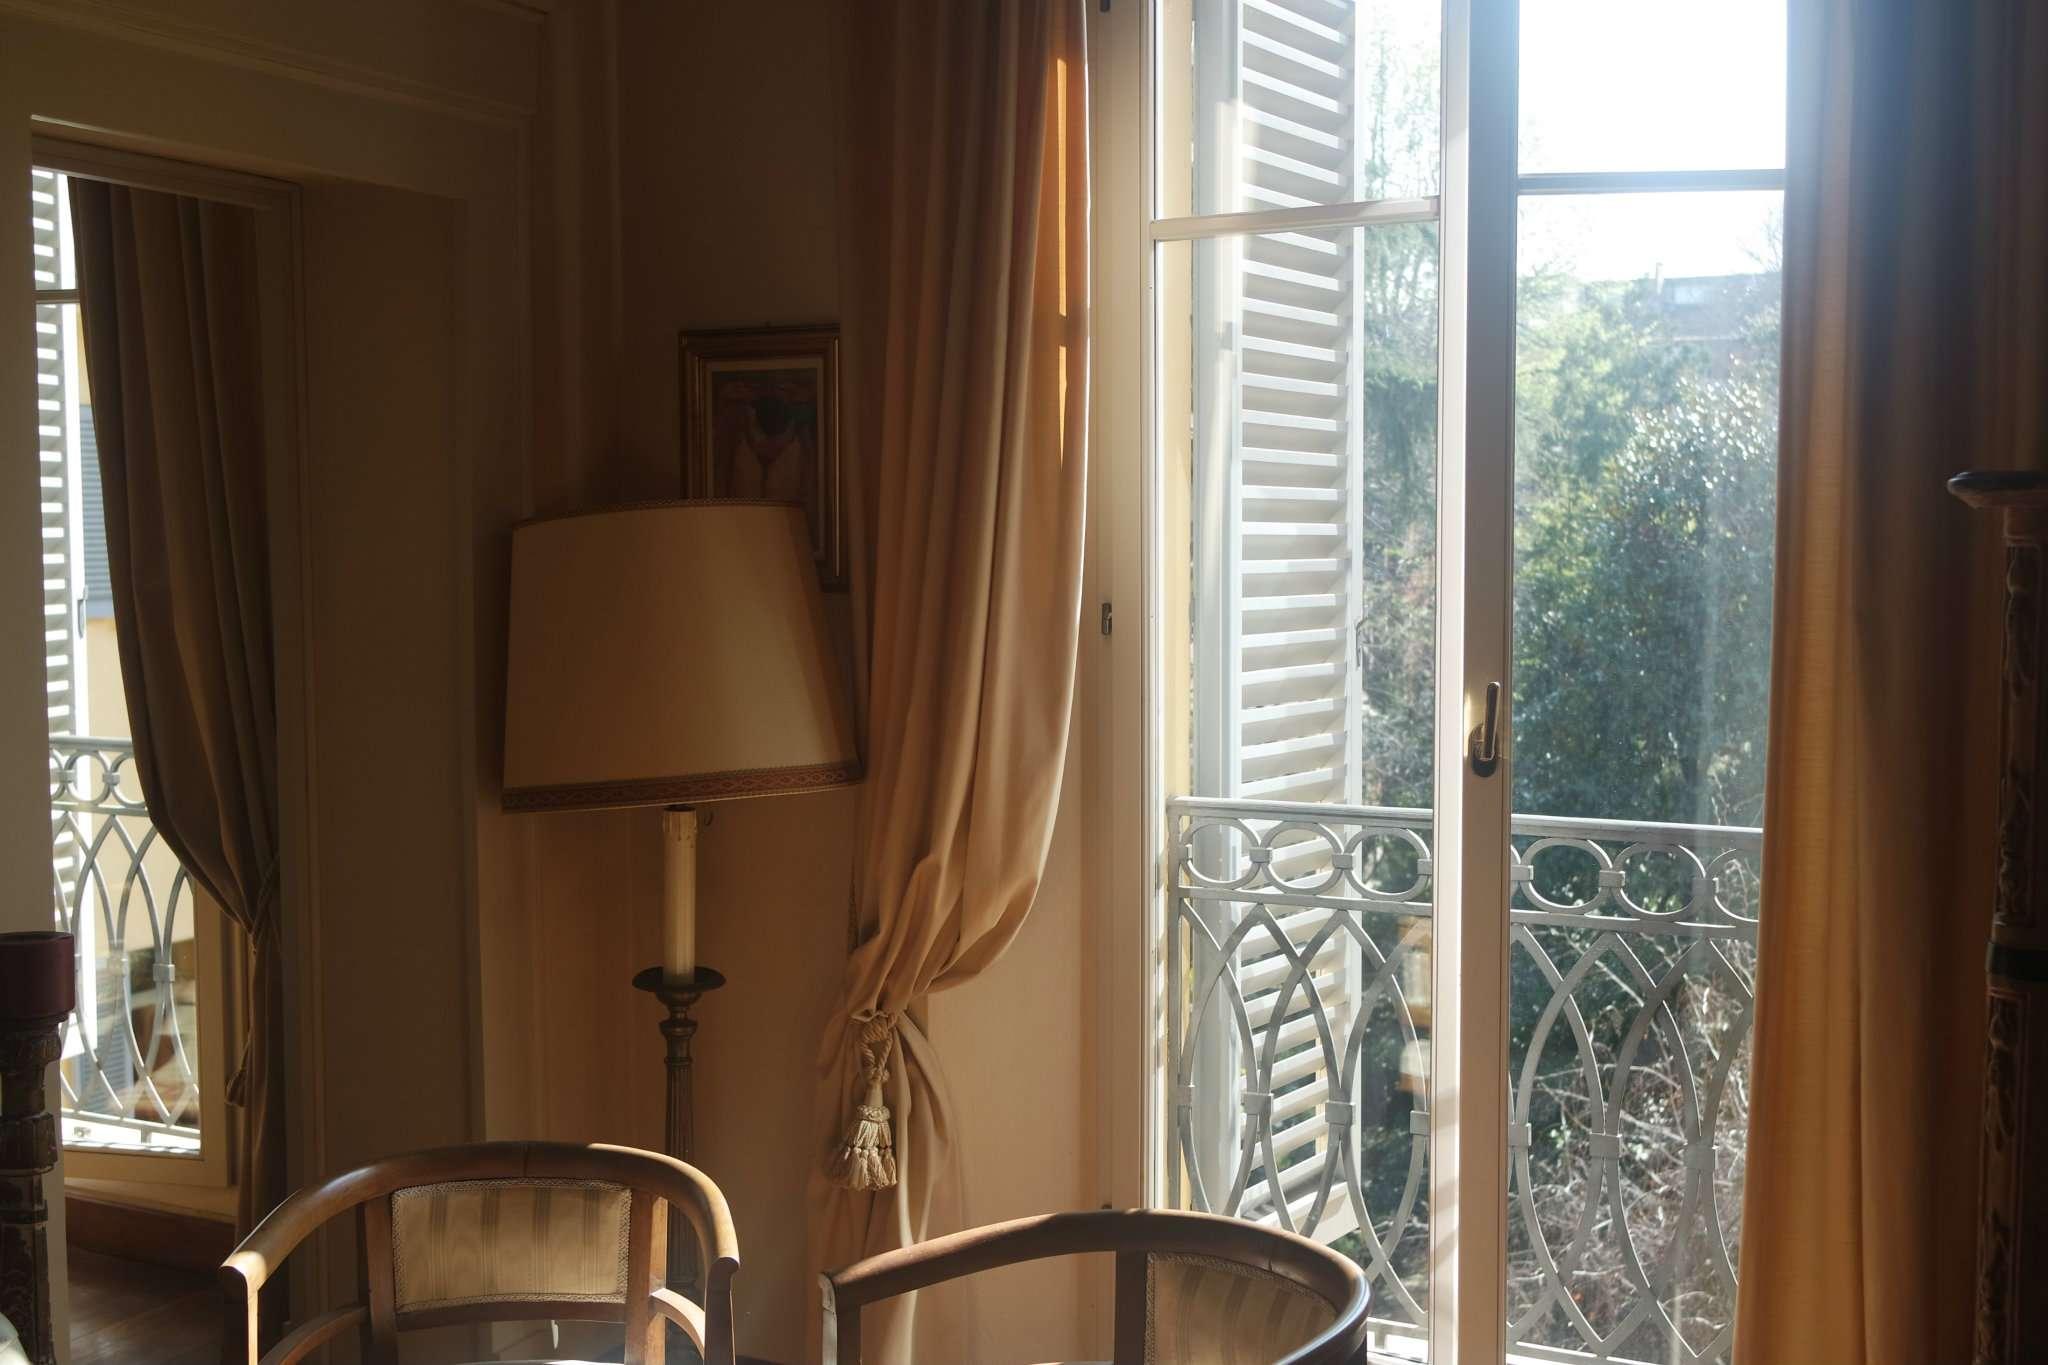 Appartamento in vendita a Bologna, 5 locali, zona Zona: 1 . Centro Storico, prezzo € 1.549.000 | CambioCasa.it